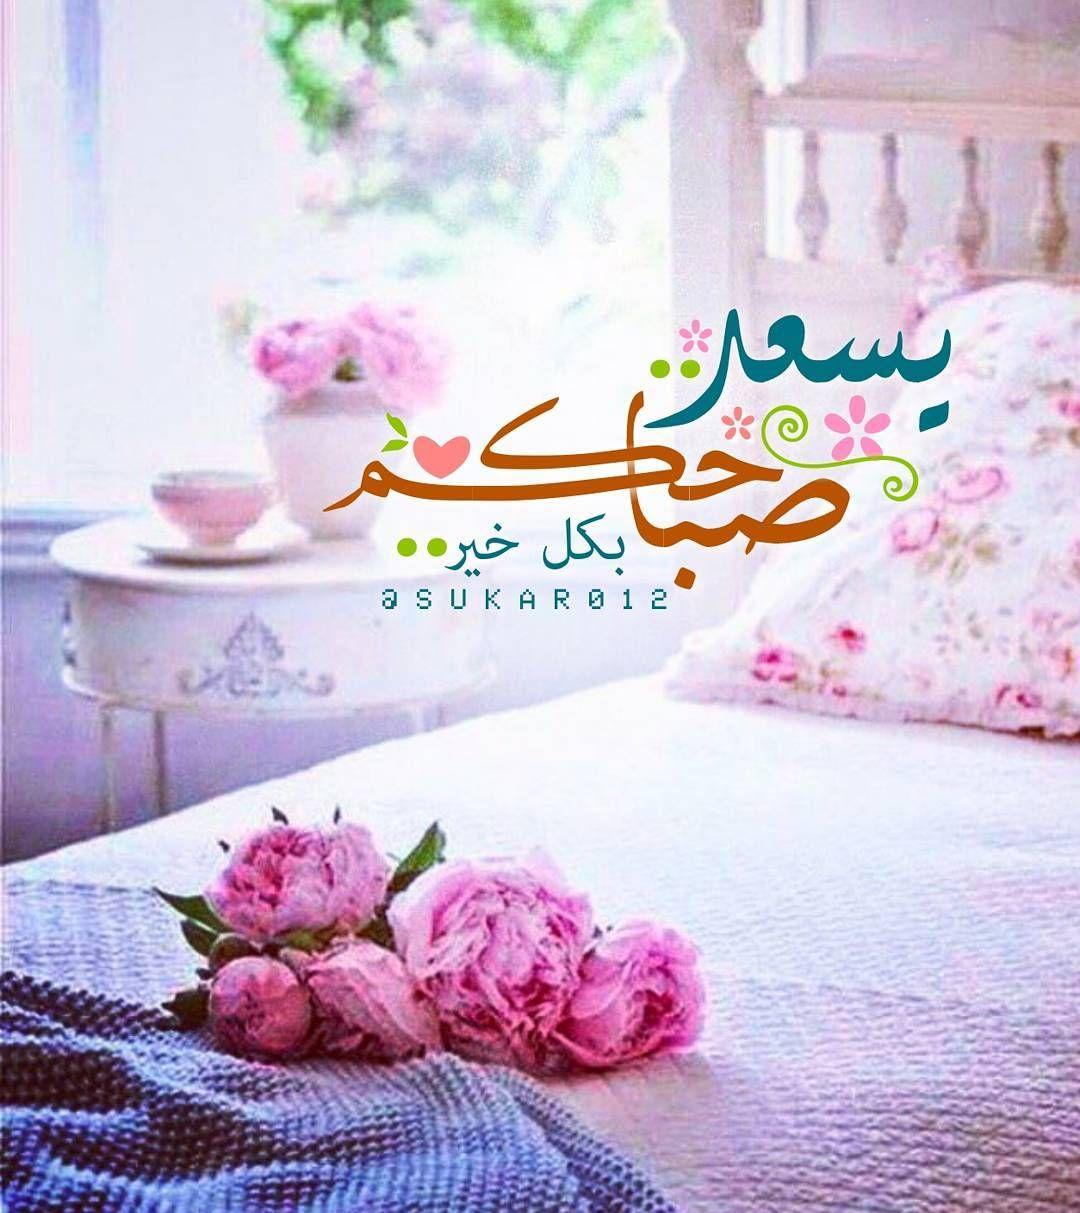 يسعد صباحكم بكل خير صباح الخير Beautiful Morning Messages Morning Greeting Good Morning Good Night